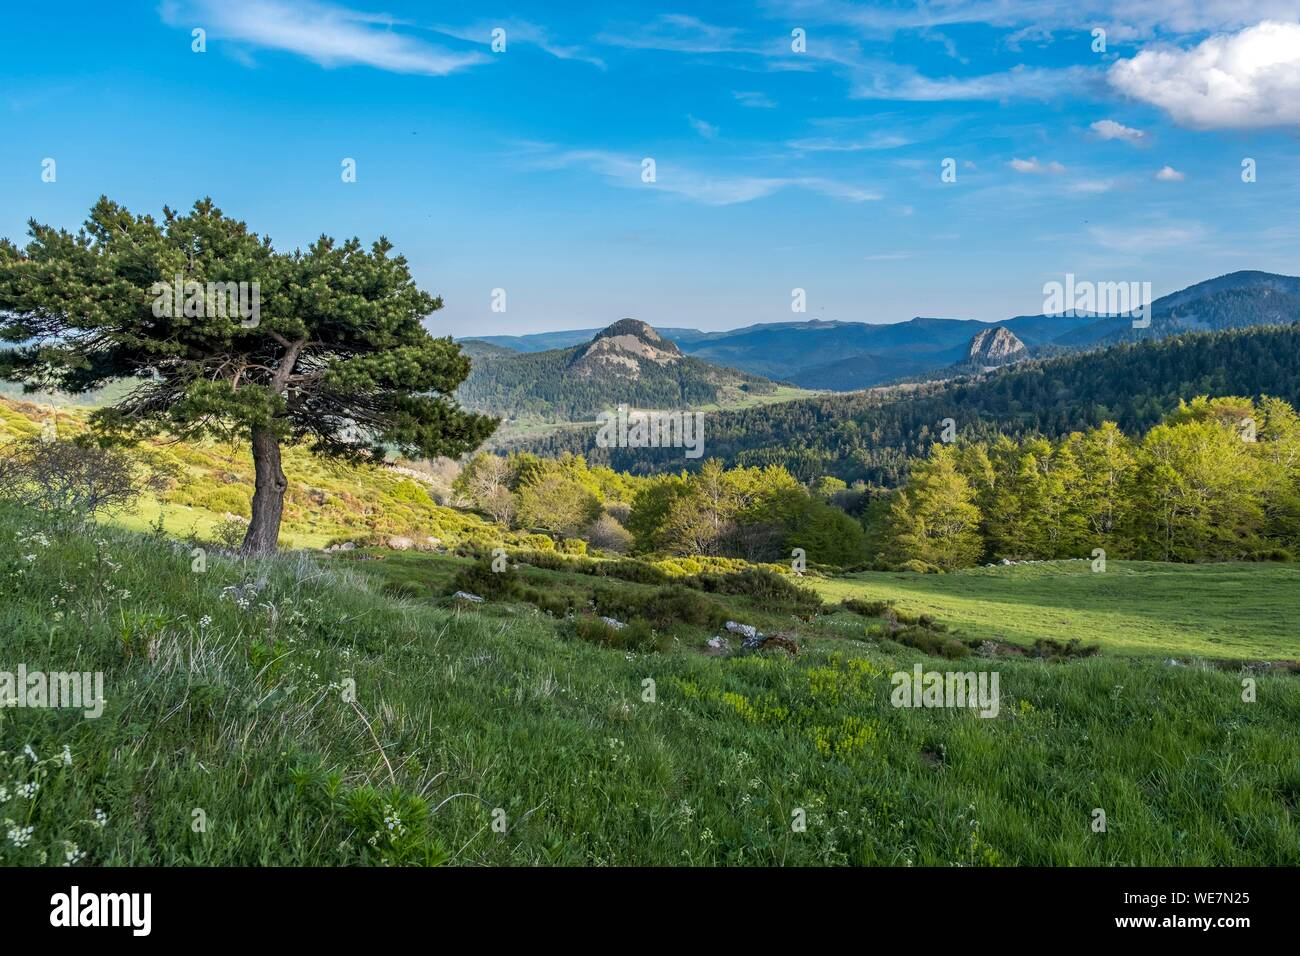 France, Ardeche, Parc Naturel Regional des Monts d'Ardeche (Regional natural reserve of the Mounts of Ardeche), Suc de Boree, Medille path, Vivarais, Sucs area Stock Photo